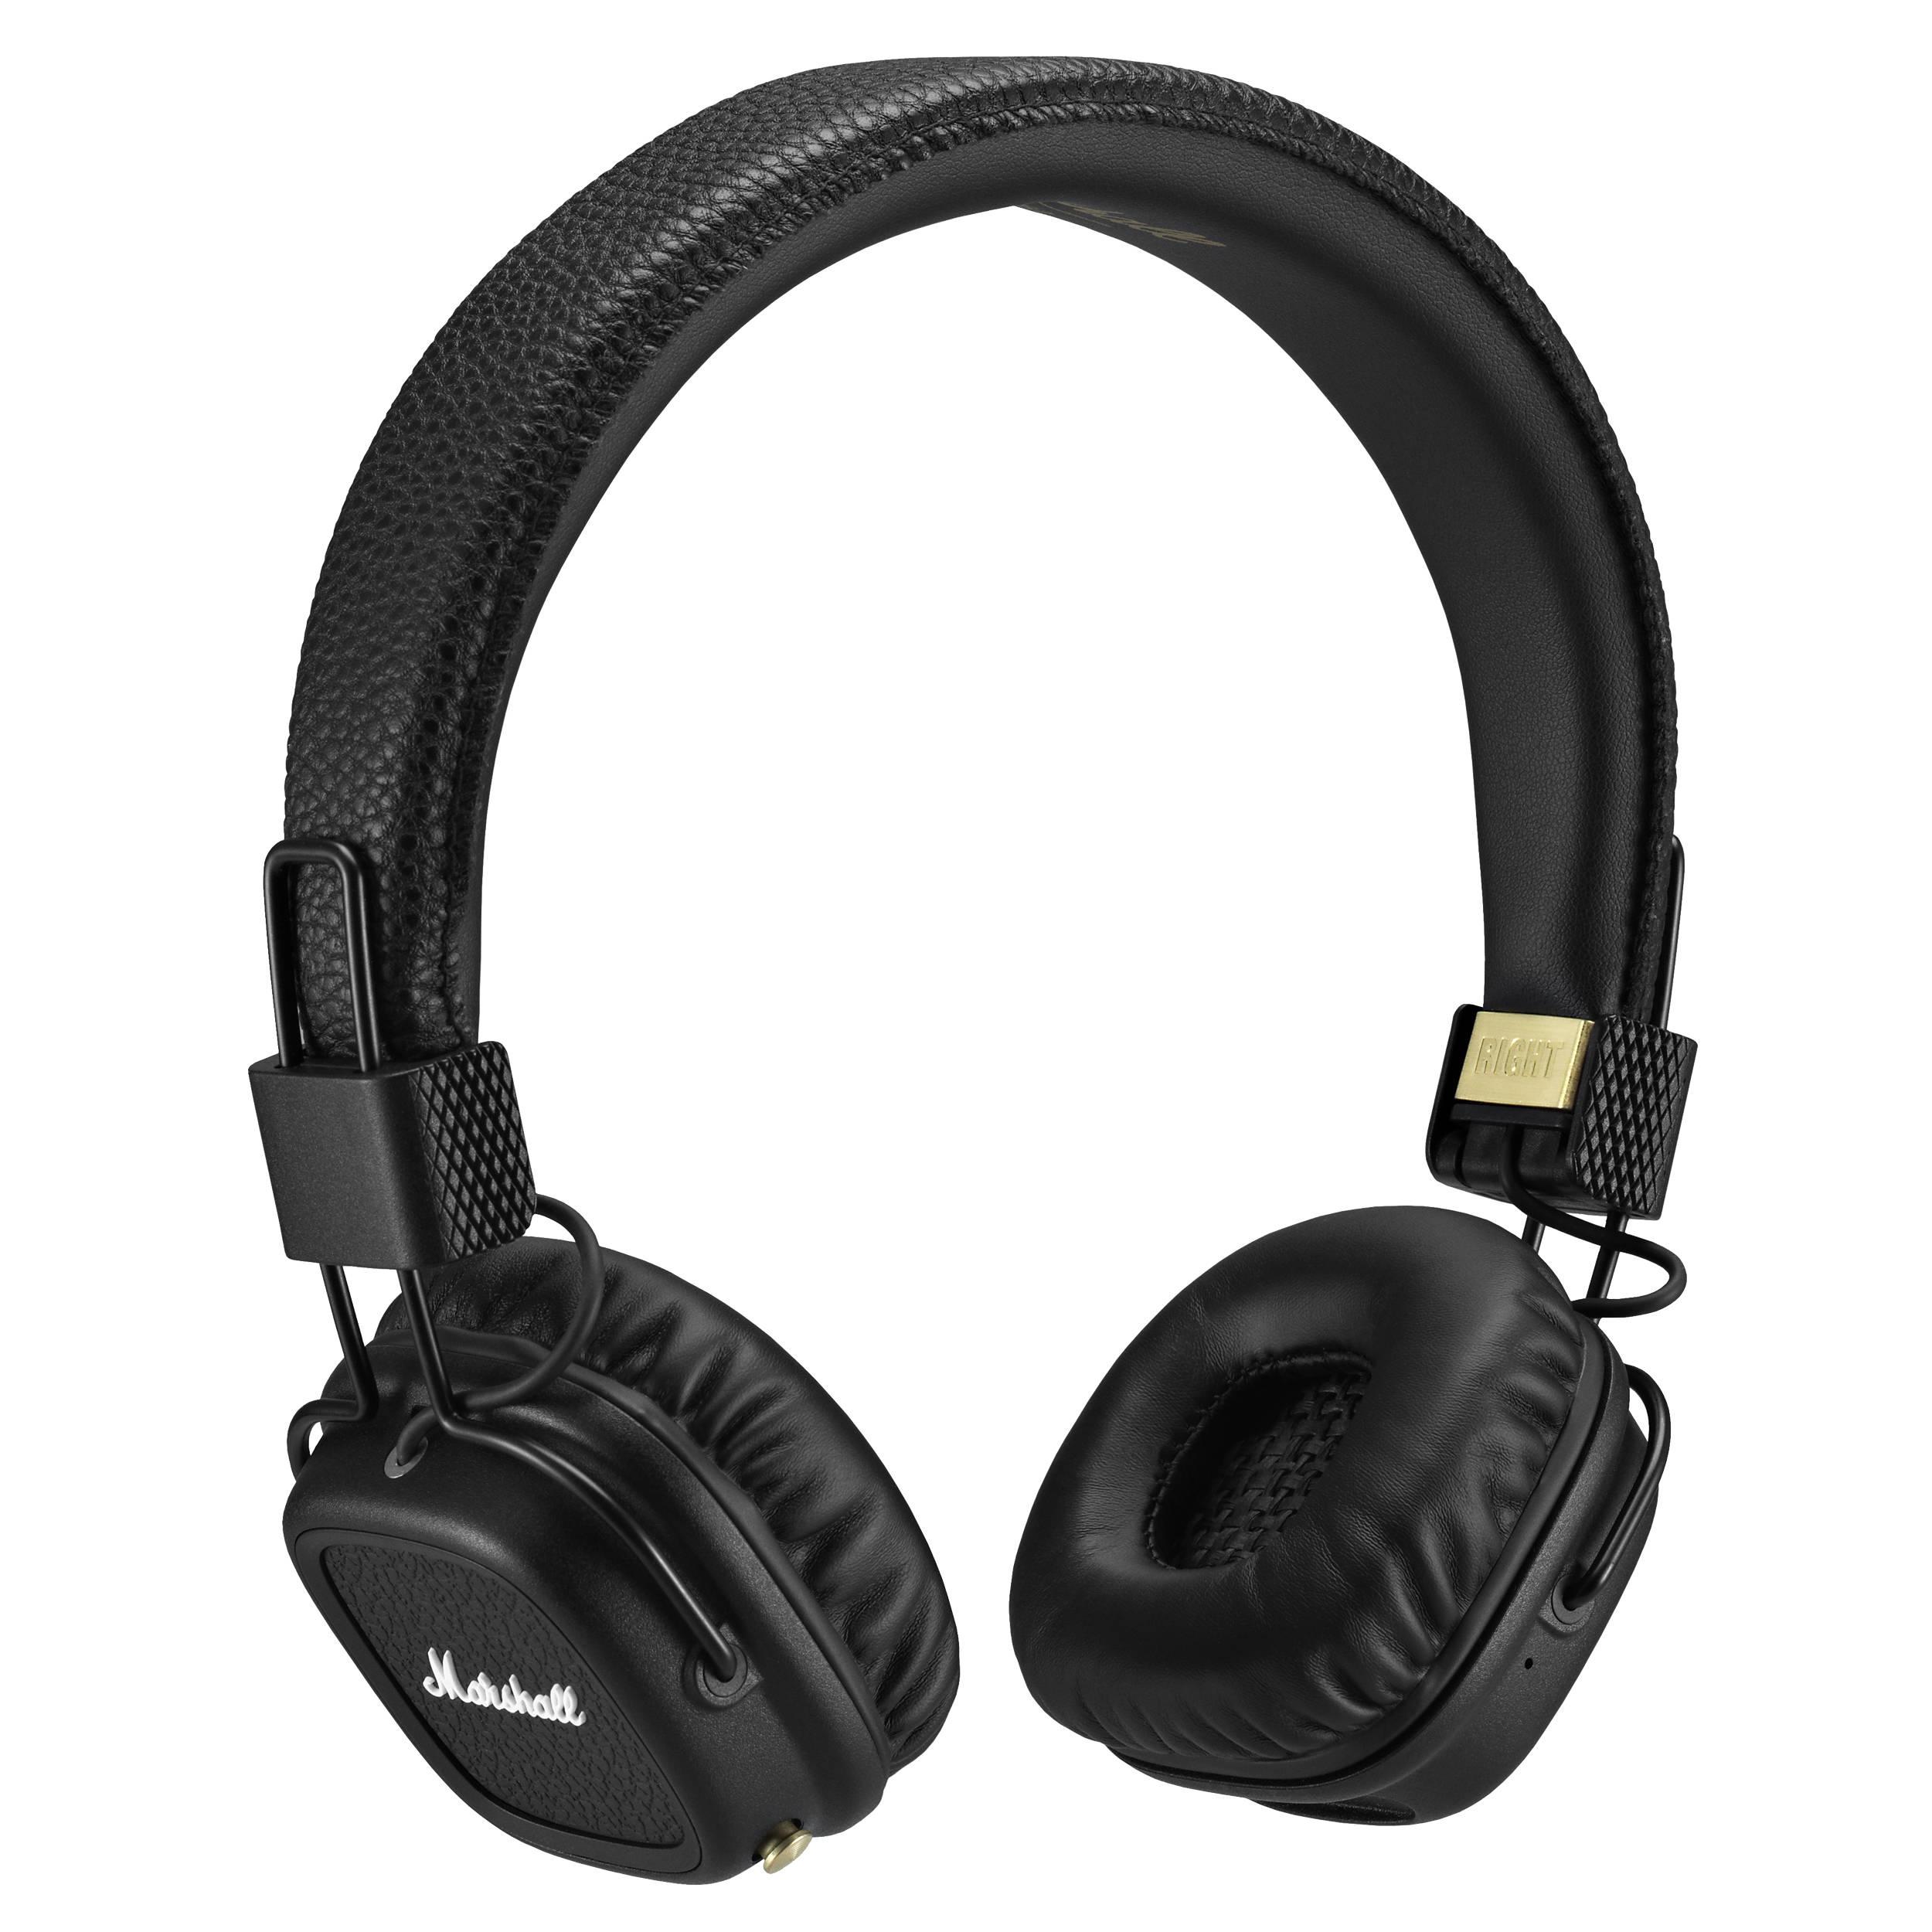 Marshall headphones major ii bluetooth - akg headphones bluetooth